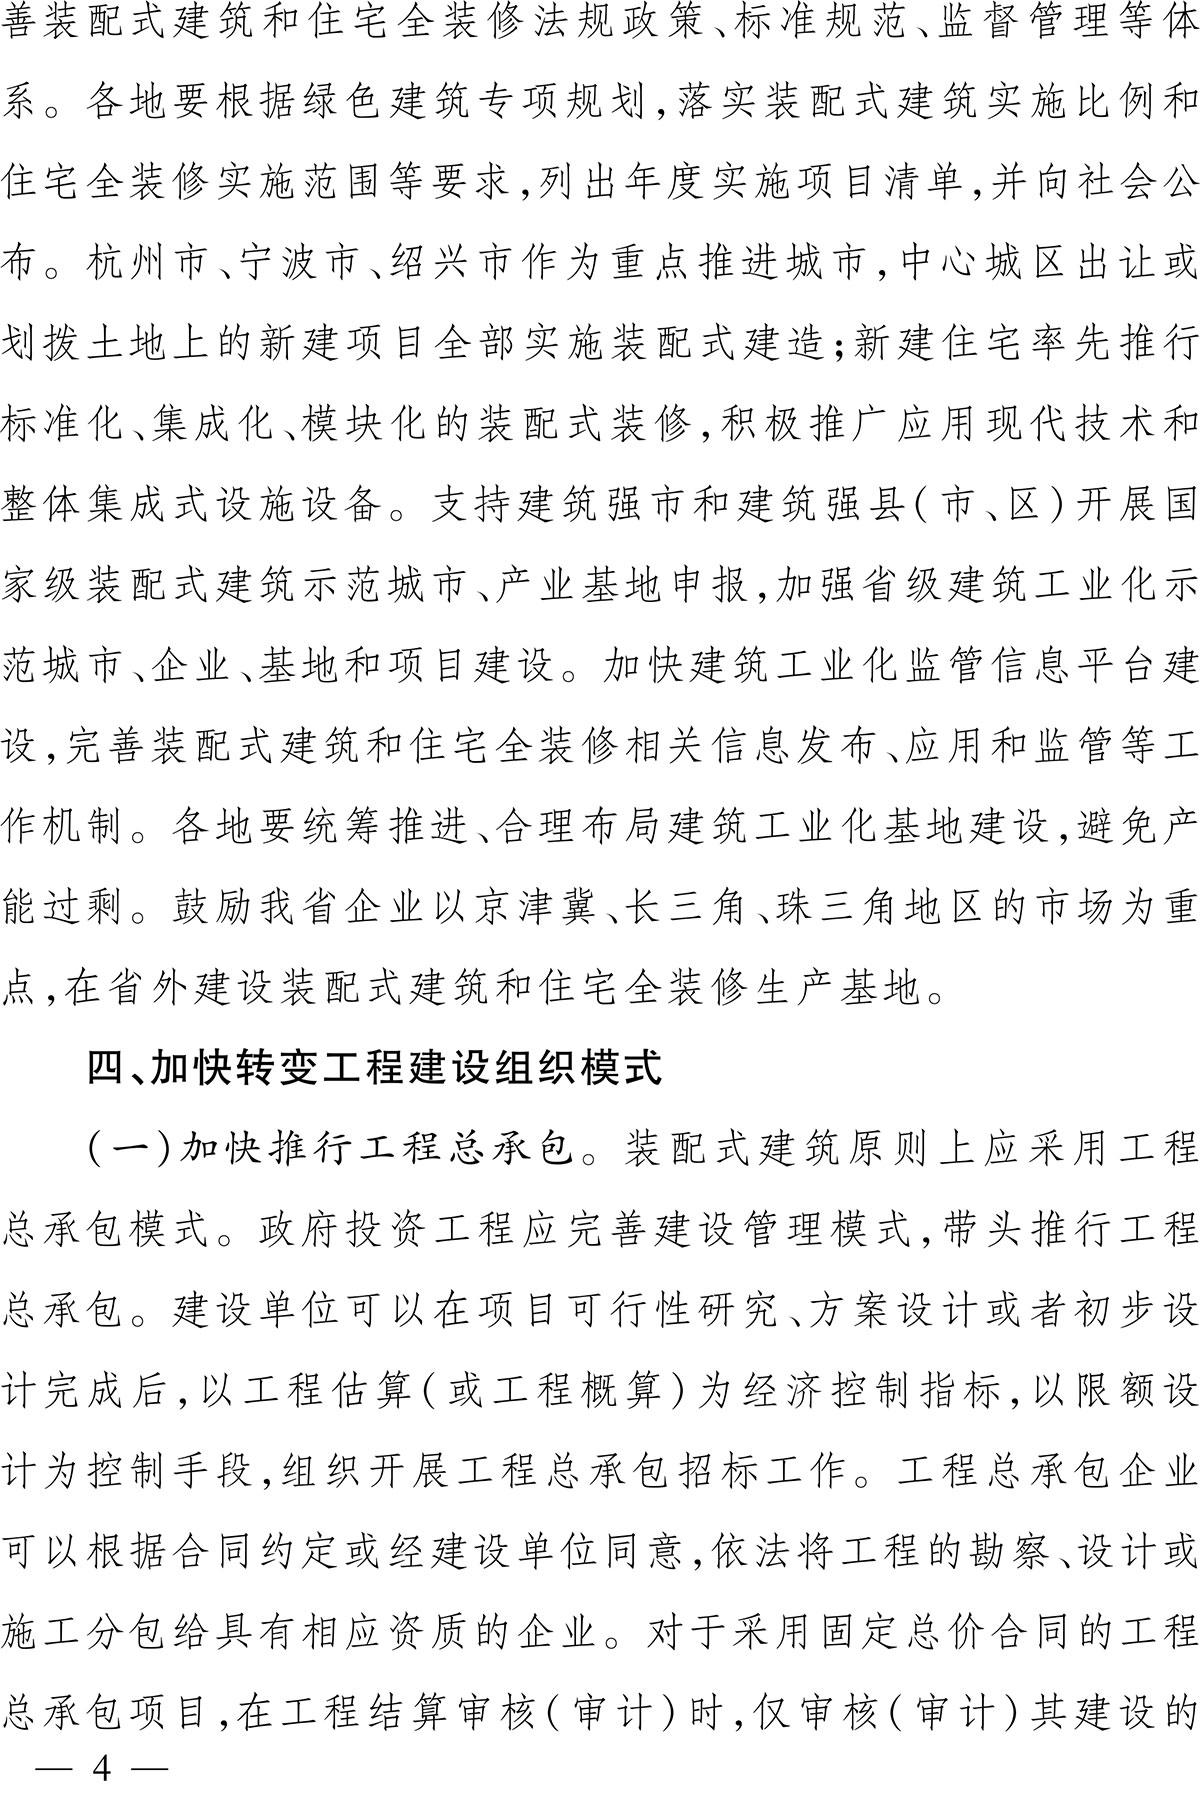 浙江省人民政府办公厅关于加快建筑业改革与发展的实施意见-4.jpg